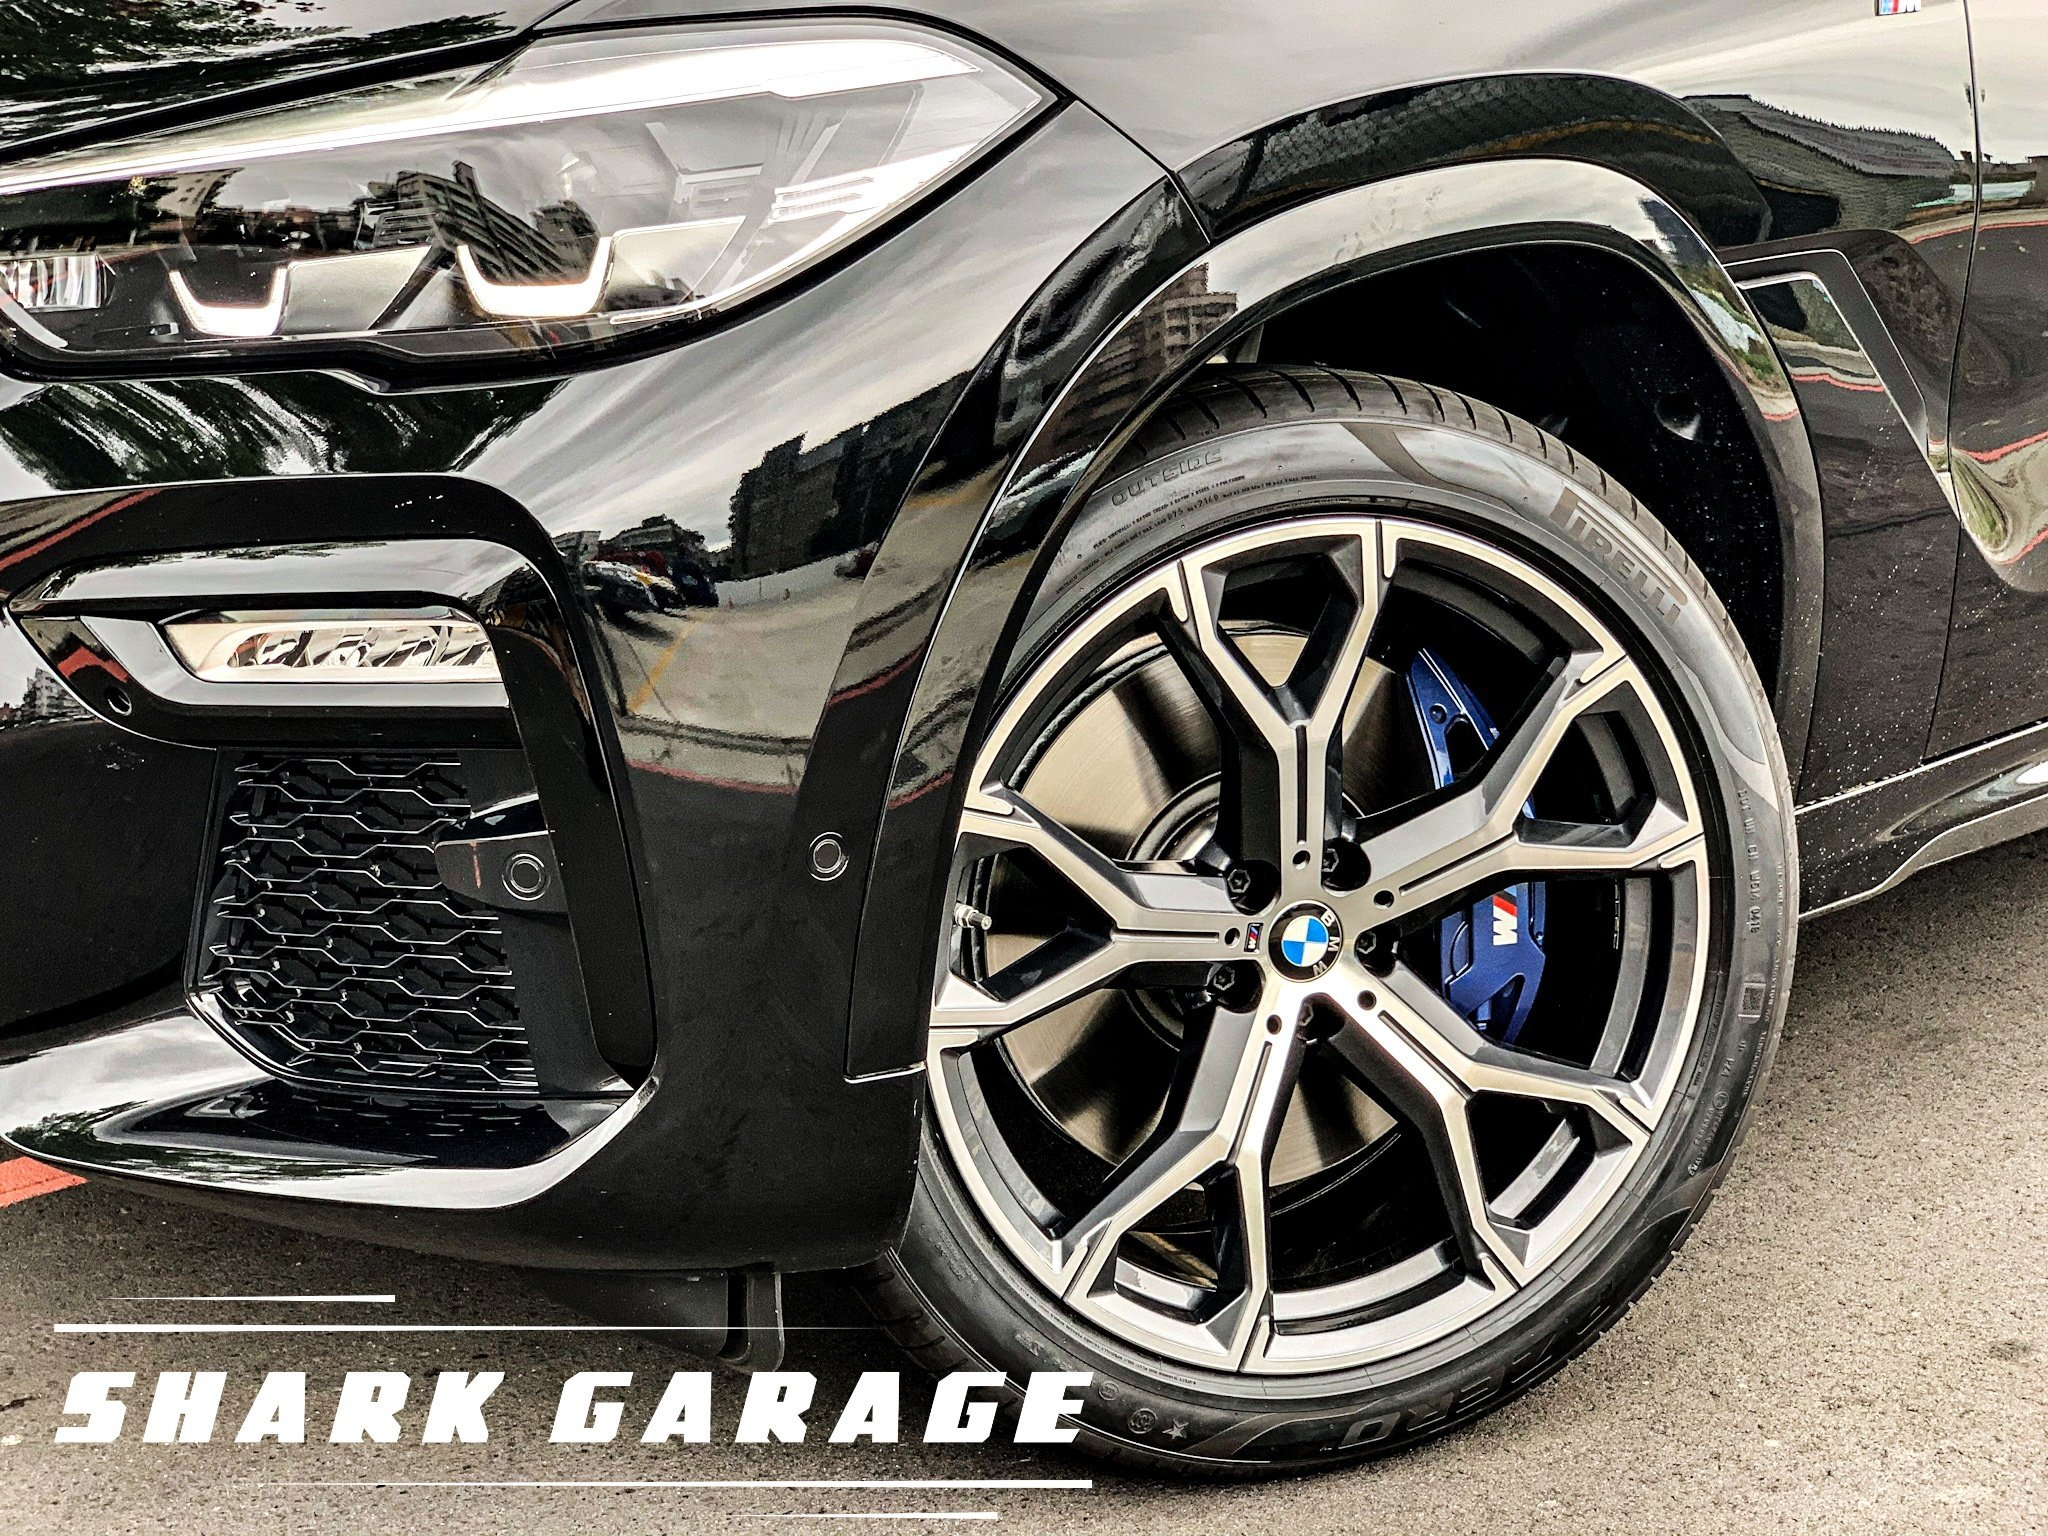 #現貨#✽顯閣商行✽BMW 德國原廠 M Performance G06 X6 741M 21吋 輕量化鋁圈配胎